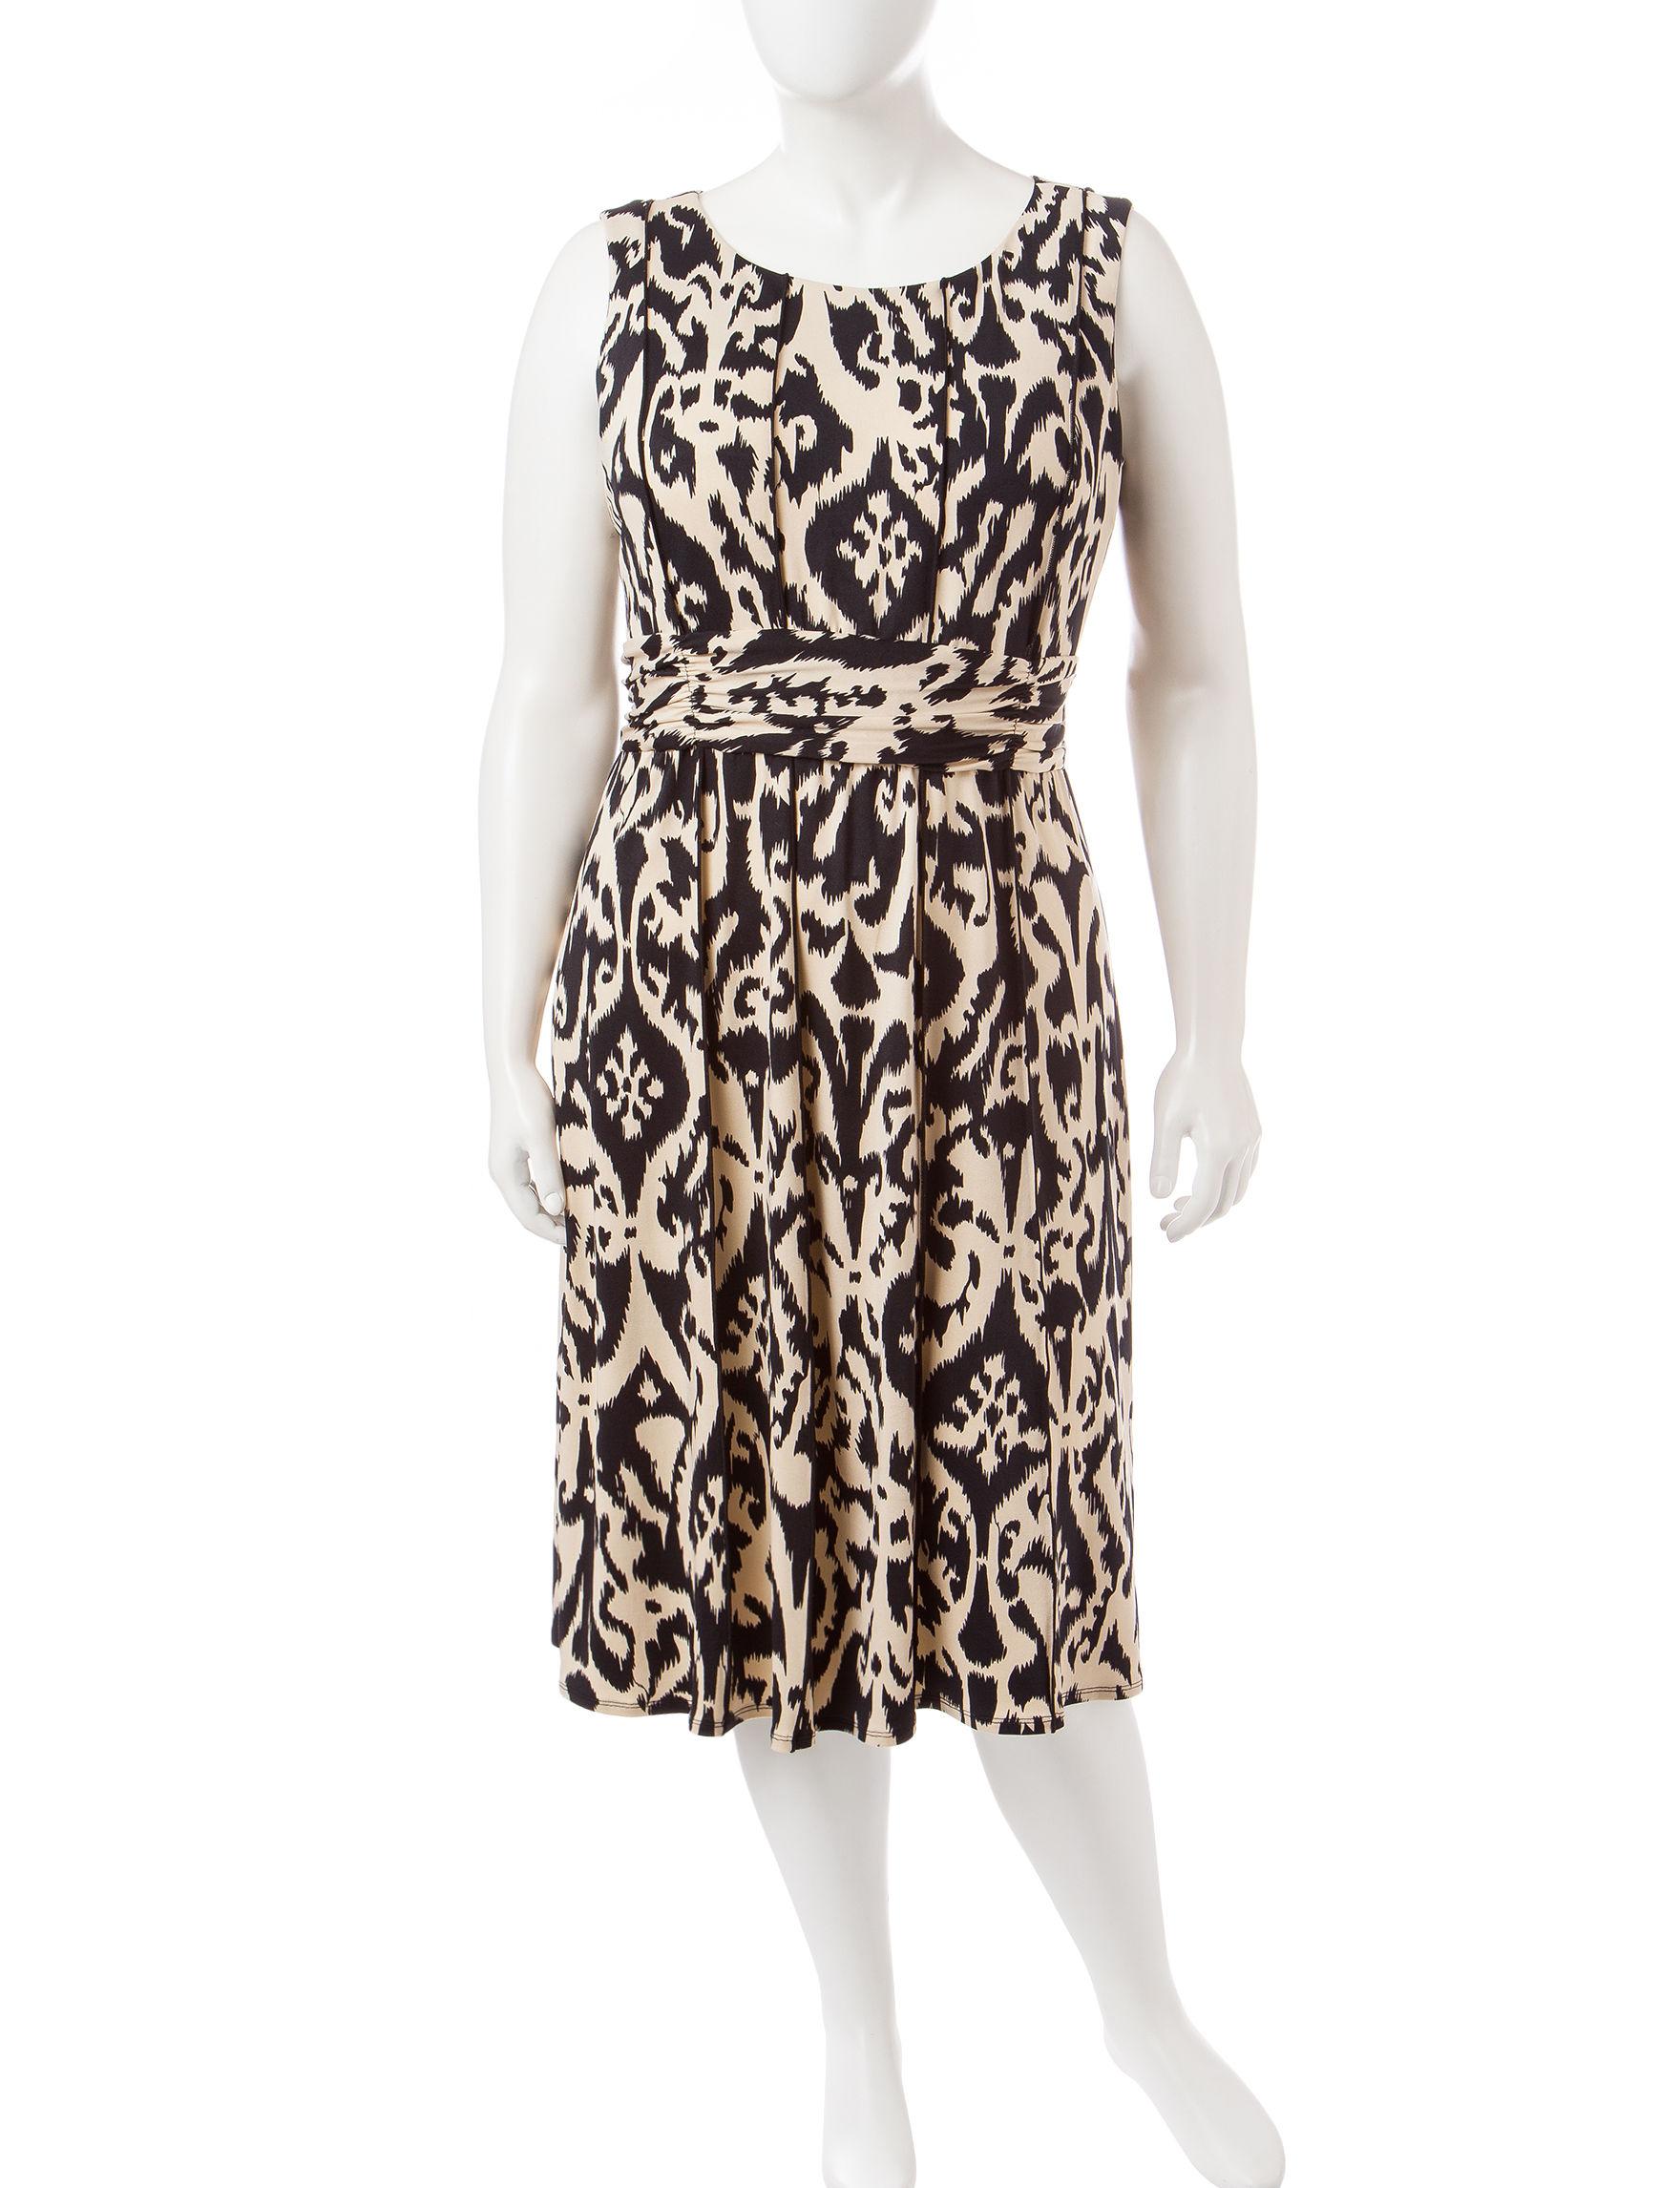 Perceptions Black / Tan A-line Dresses